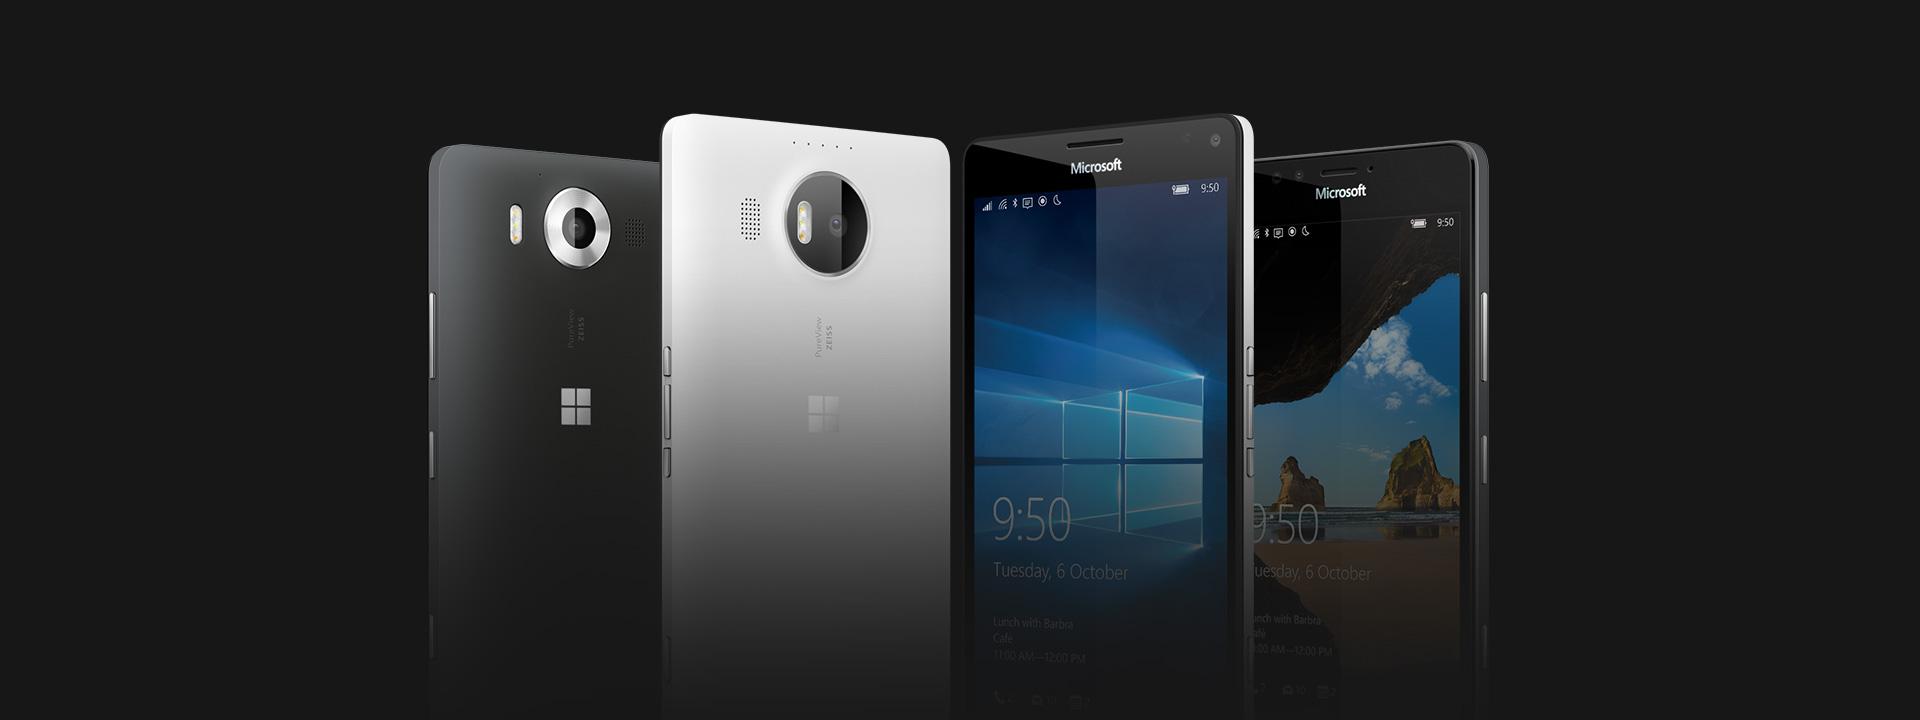 Телефон із функціональними можливостями ПК: ще більше переваг